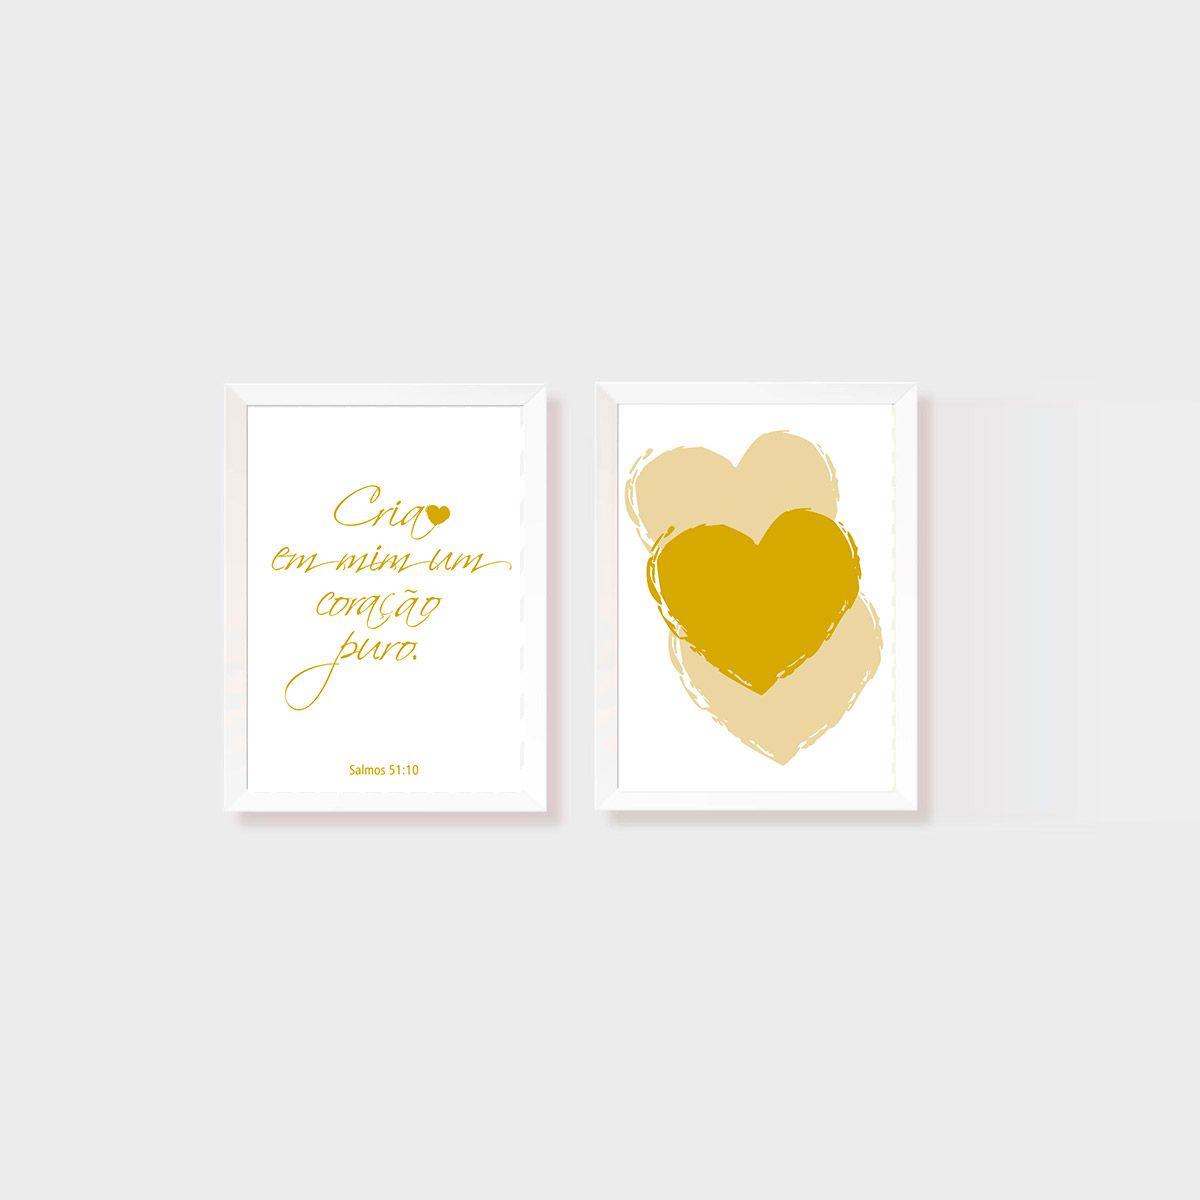 Kit 2 Quadros Cria em mim um coração puro Amarelo